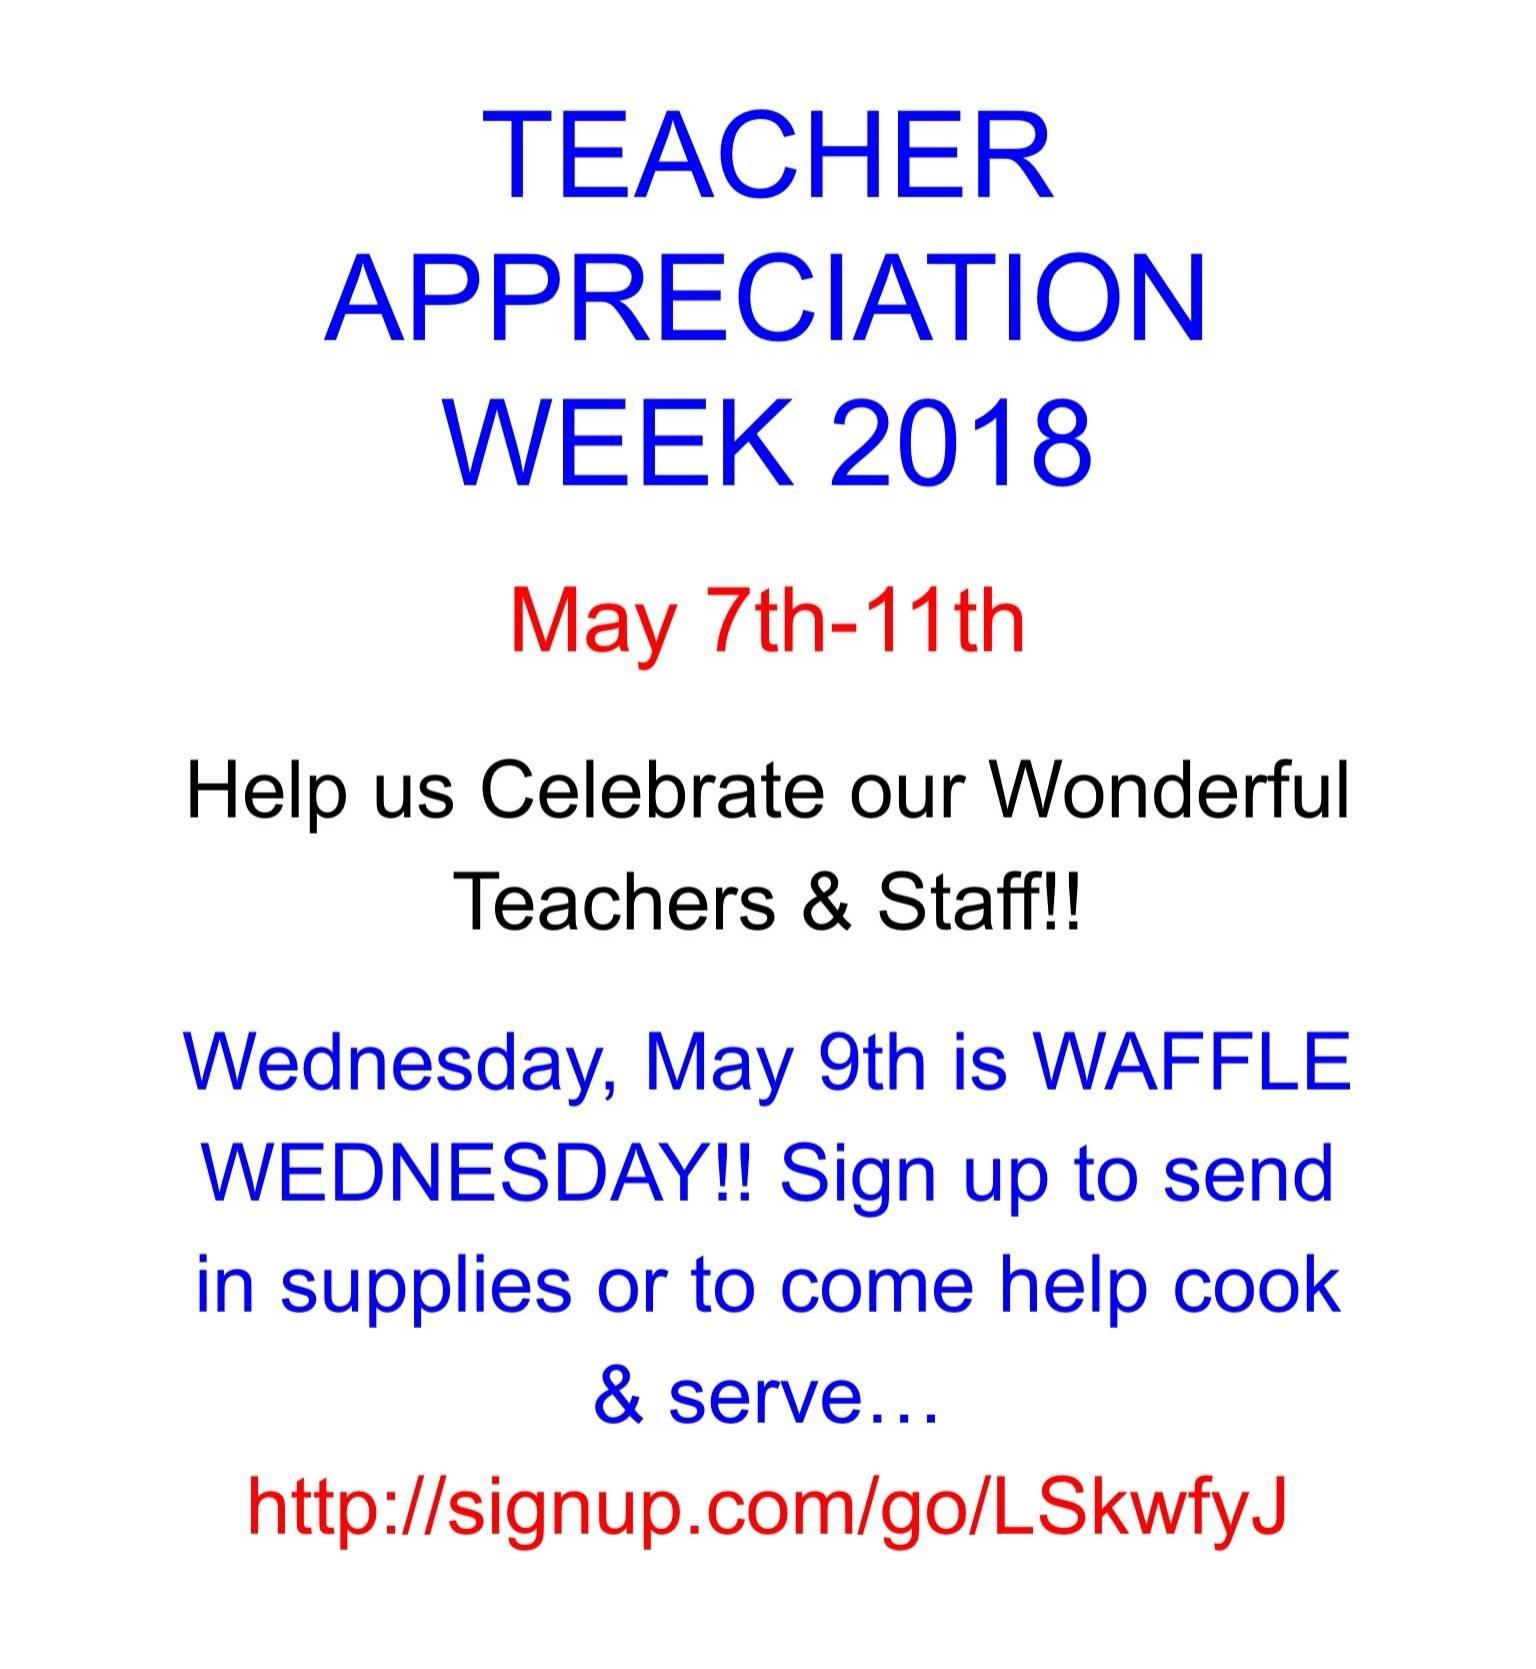 Waffle Wednesday Help Needed!